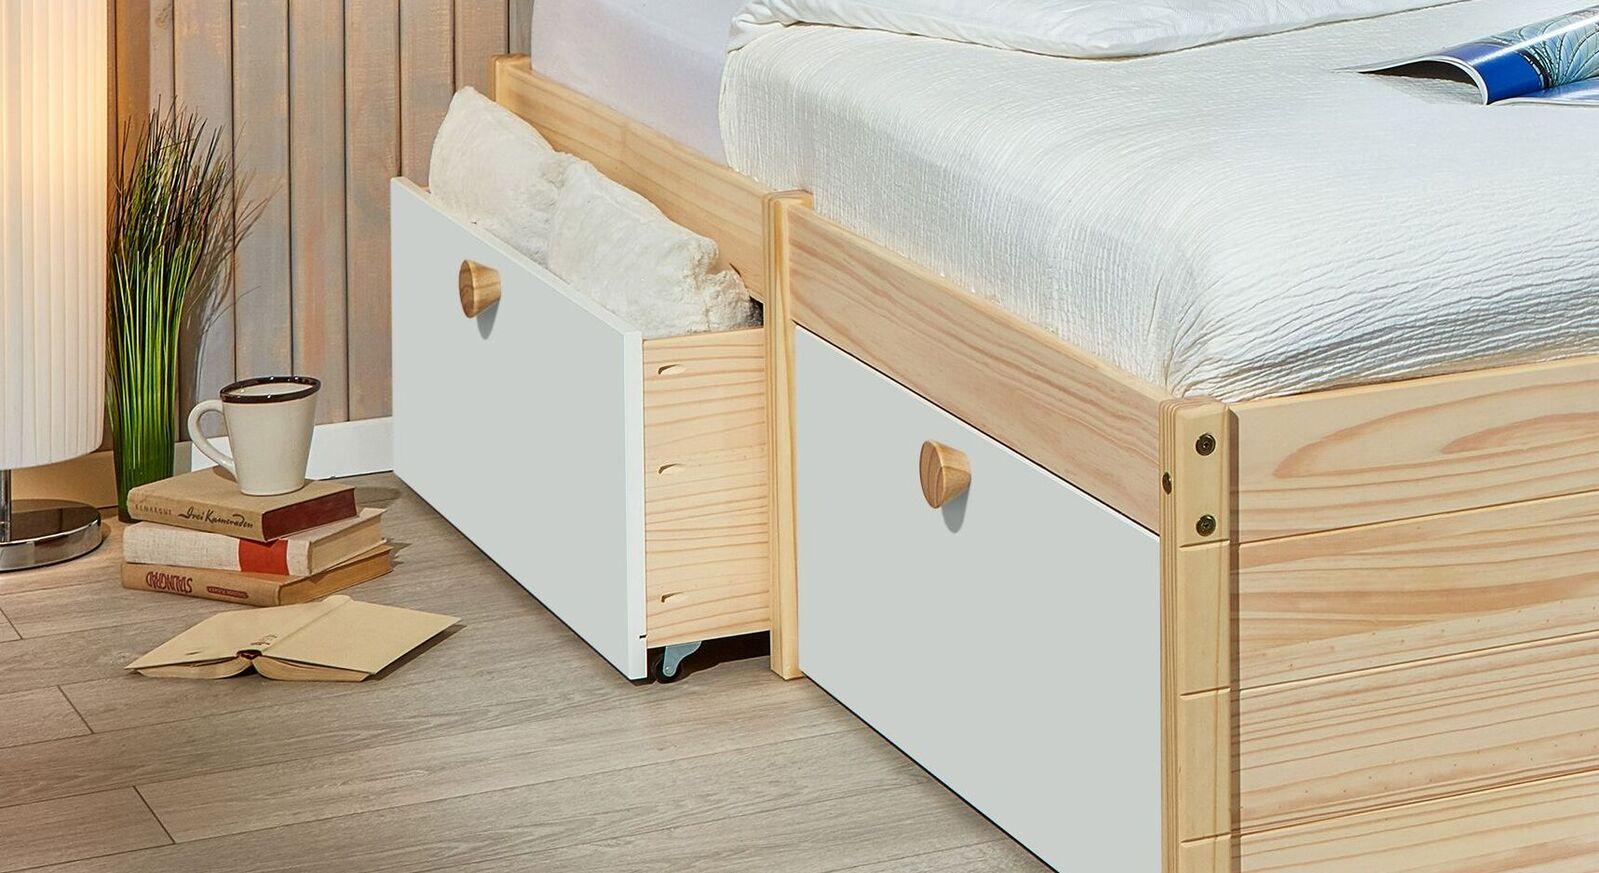 Schubkasten-Einzelbett Saffar mit praktischem Stauraum